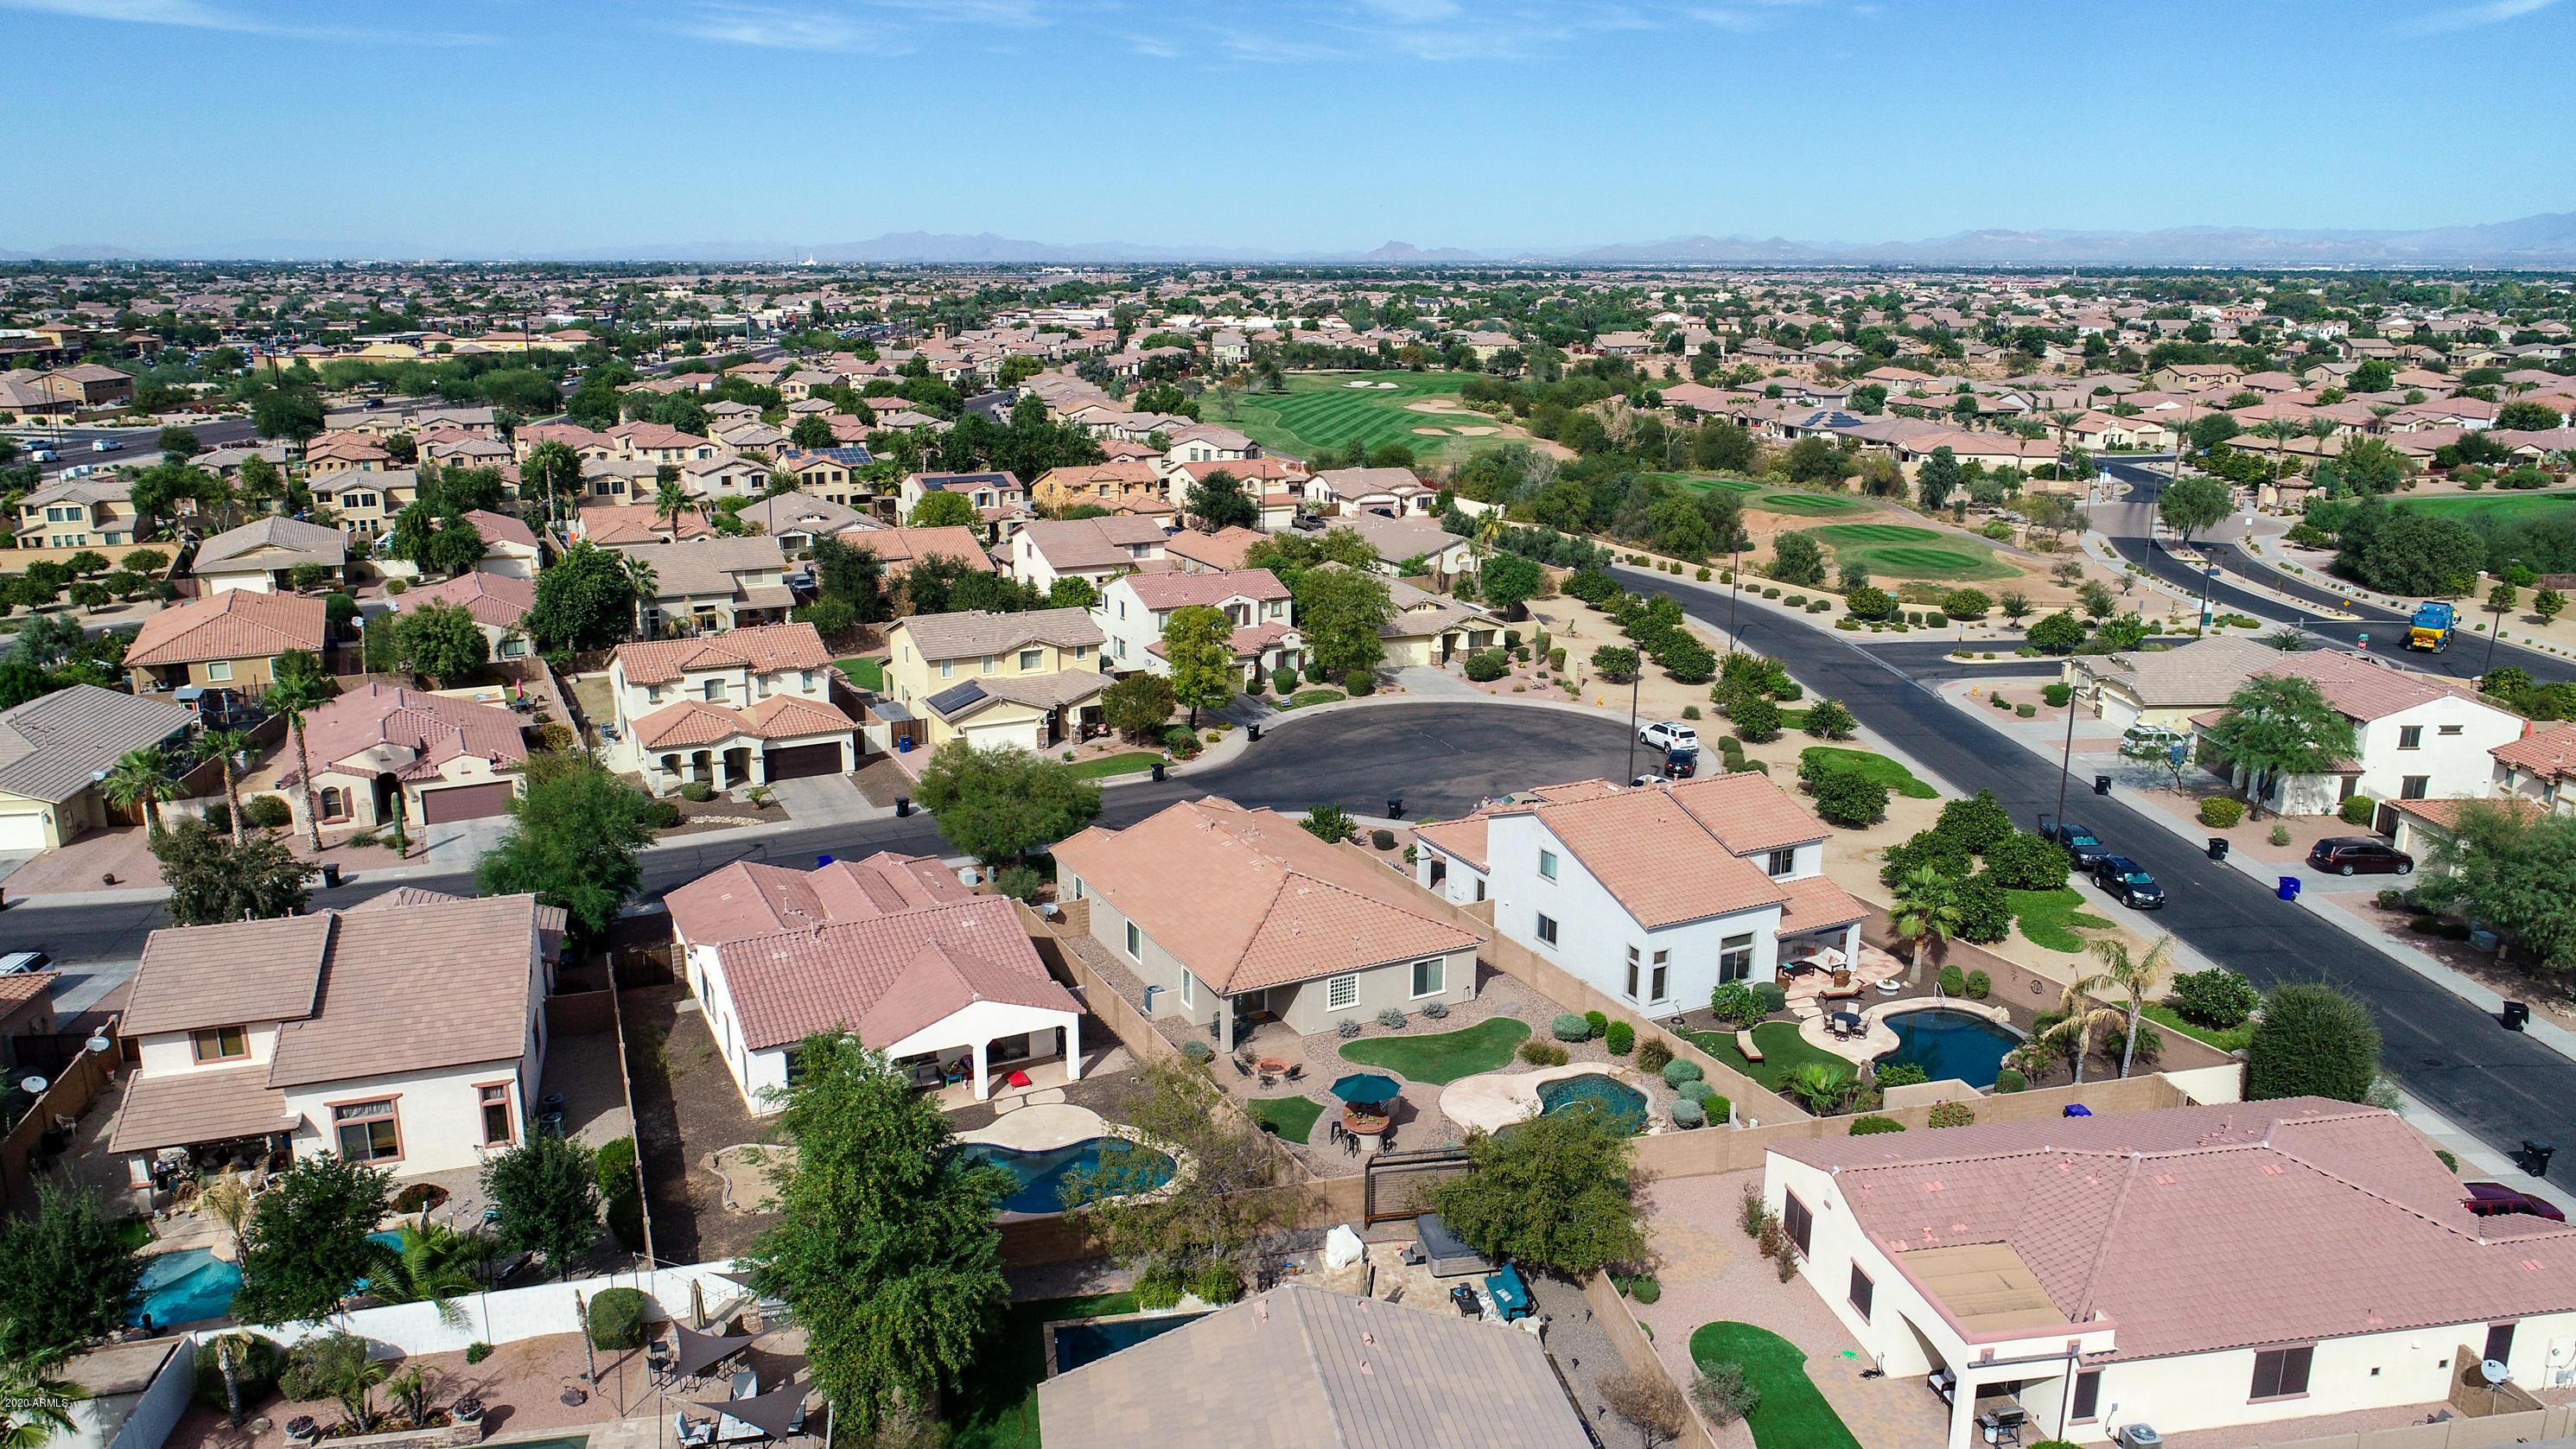 MLS 6158041 3283 E ISAIAH Court, Gilbert, AZ 85298 Seville